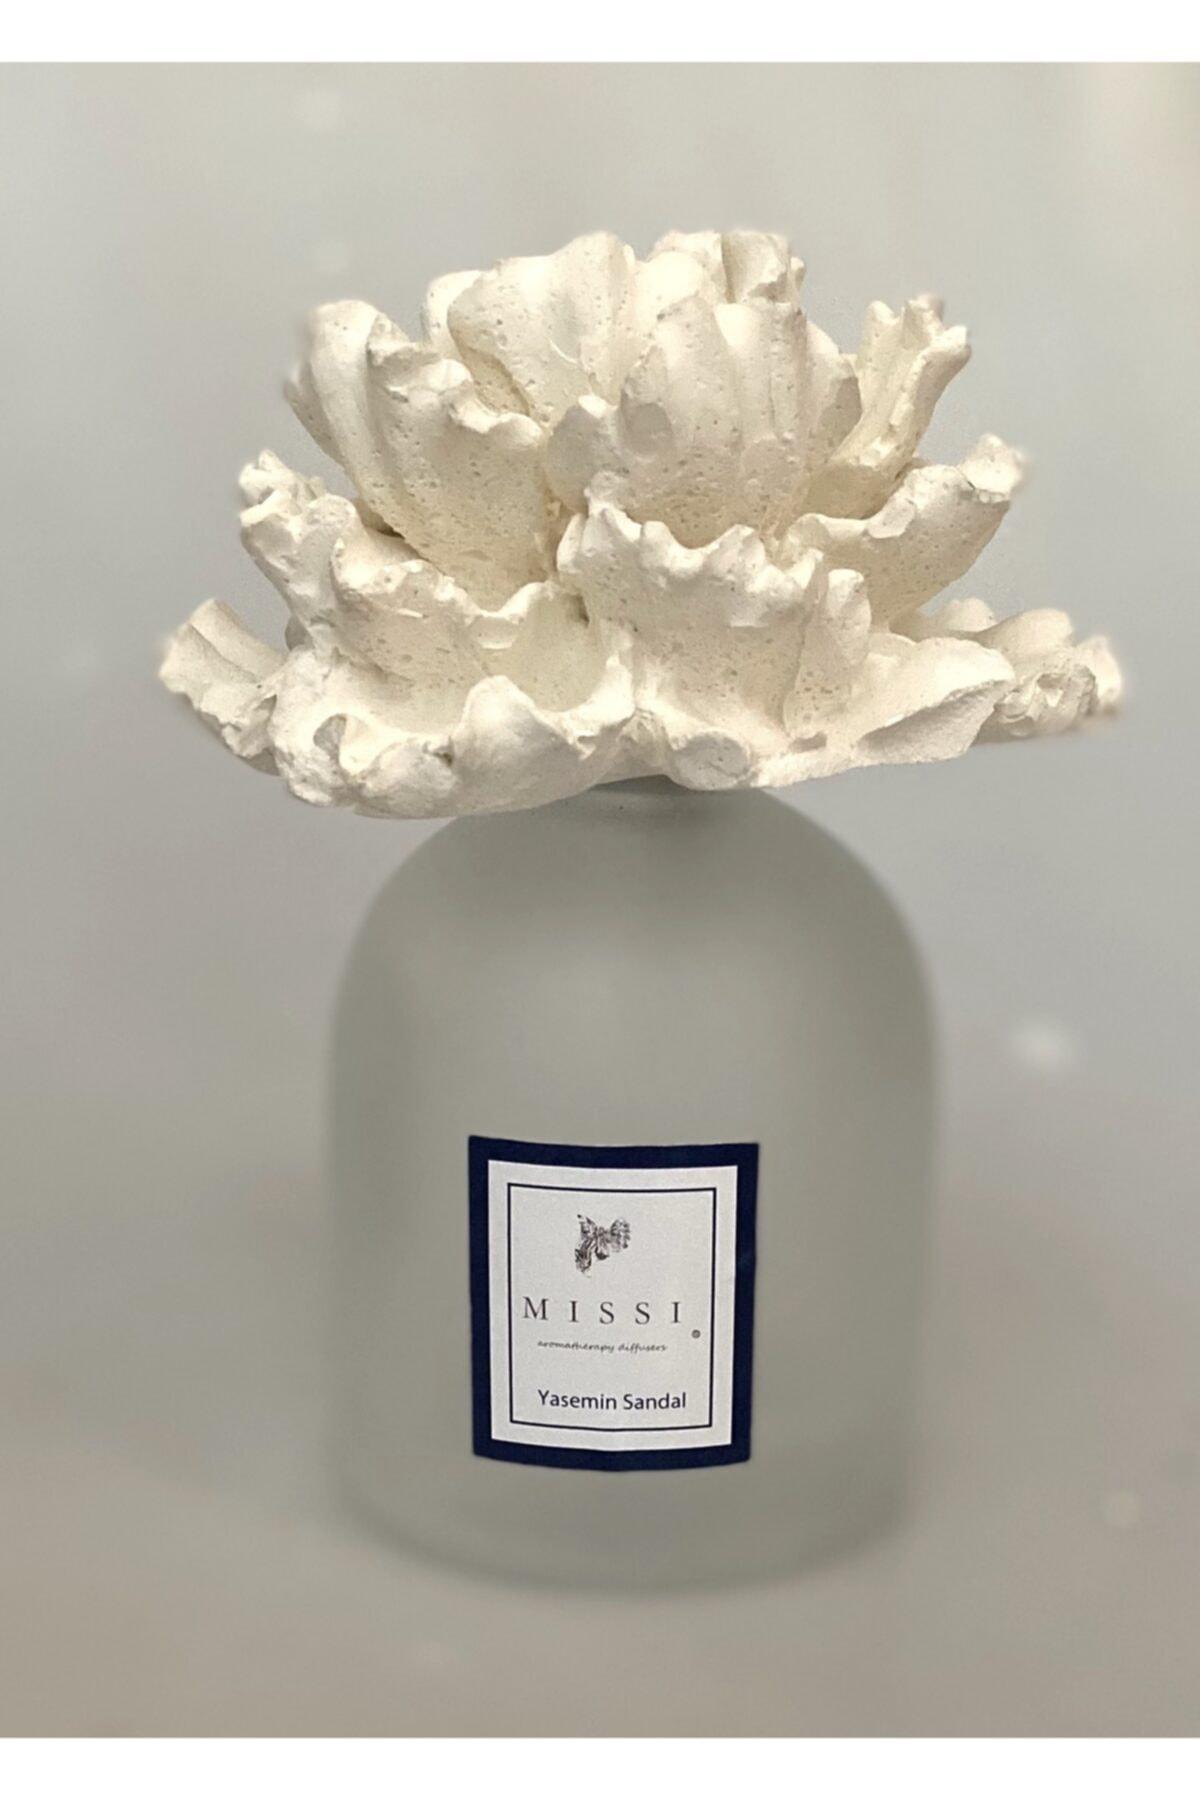 250 Cc Çiçek Seramik Taşlı Yasemin Sandal Oda Kokusu